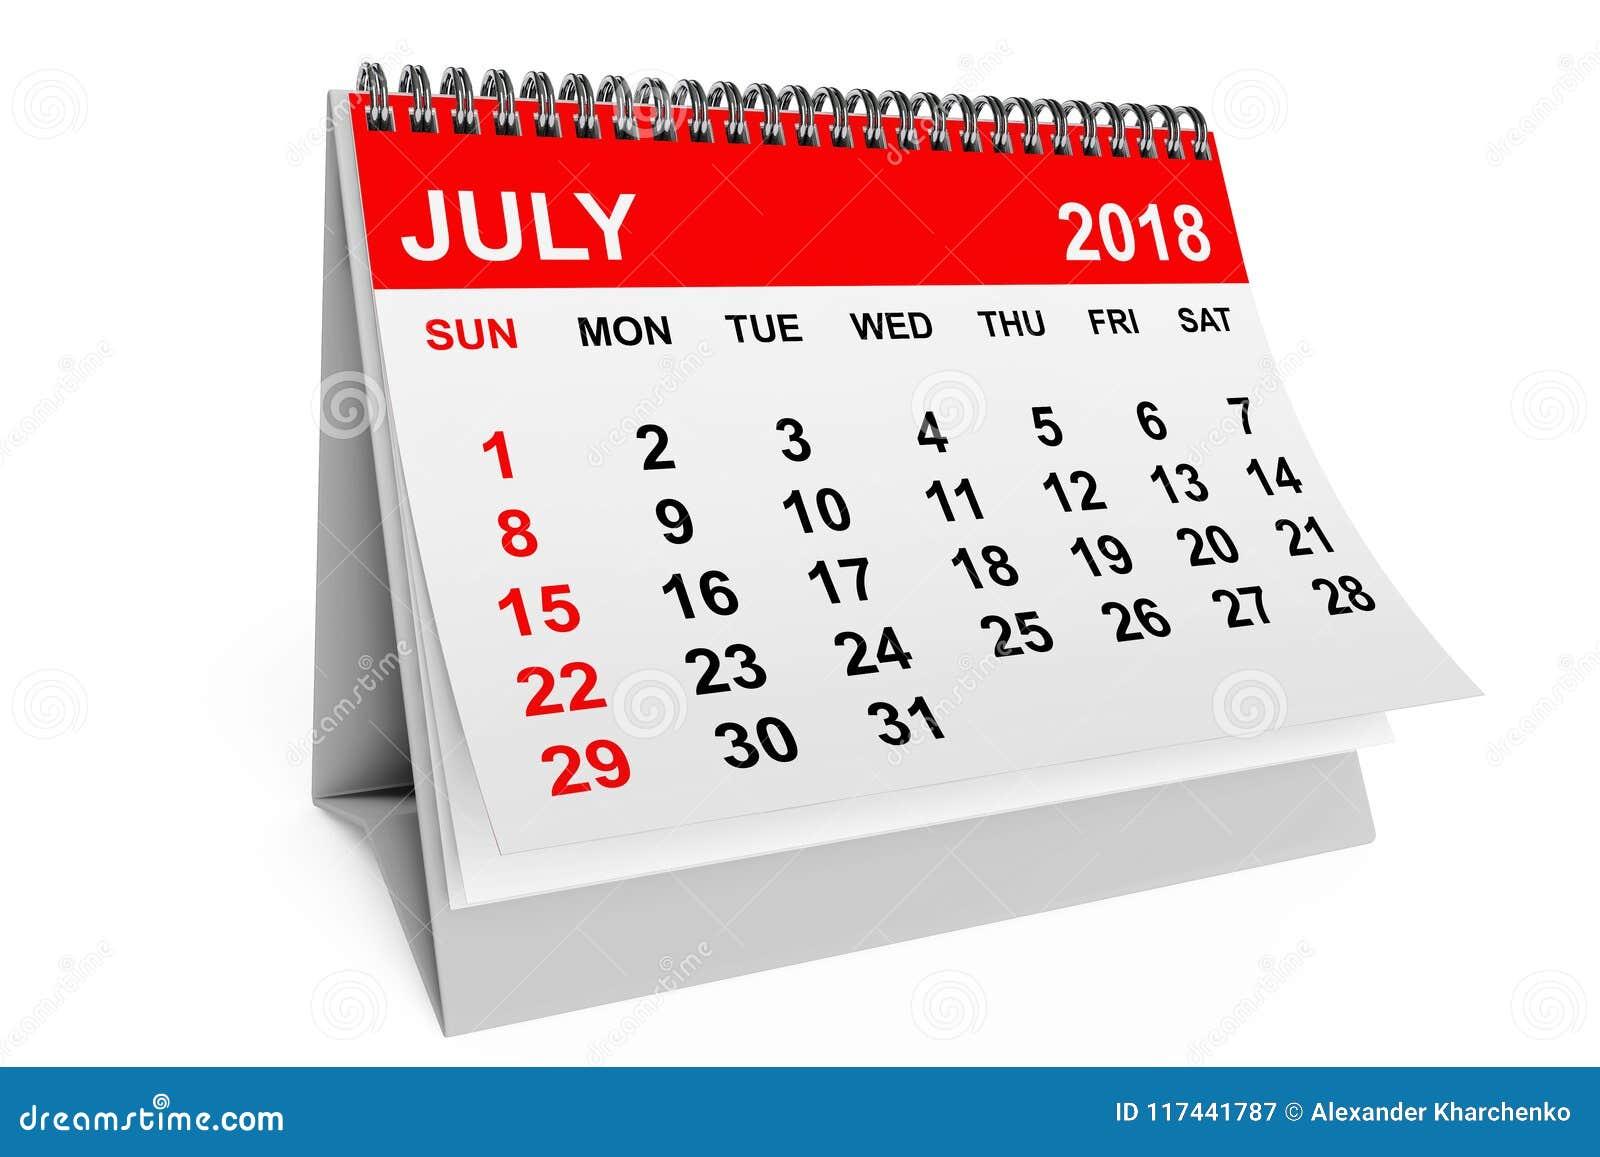 Calendario Di Luglio.Calendario Luglio 2018 Rappresentazione 3d Illustrazione Di